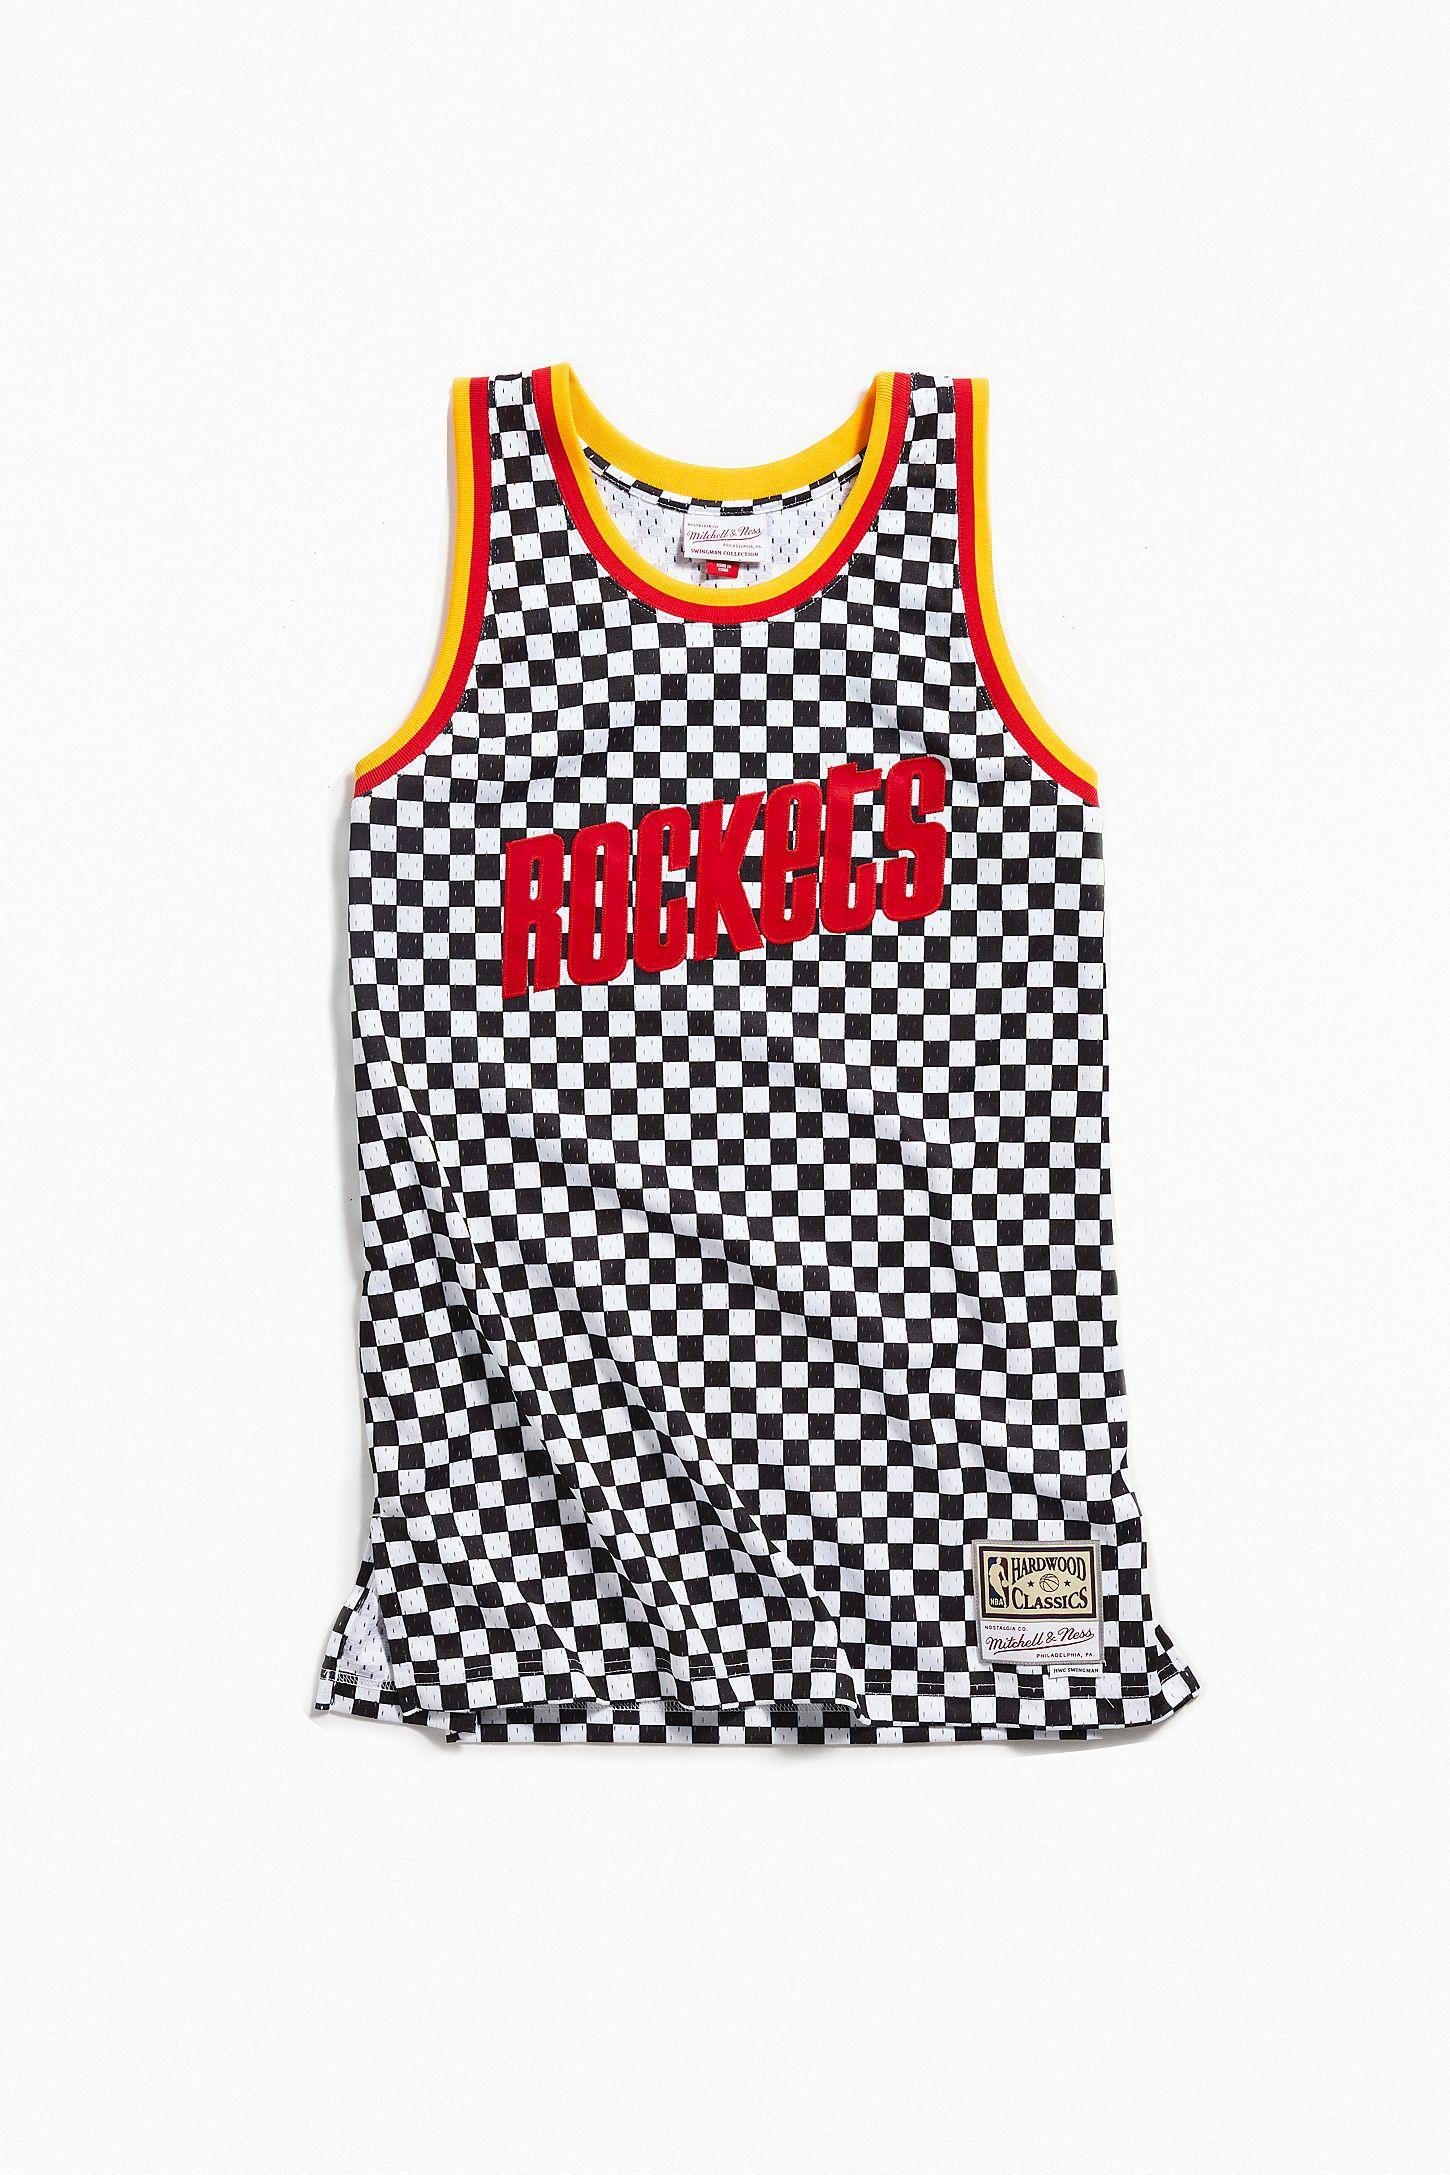 new style 9addb e09e7 Mitchell & Ness Houston Rockets Checkered Swingman Basketball Jersey